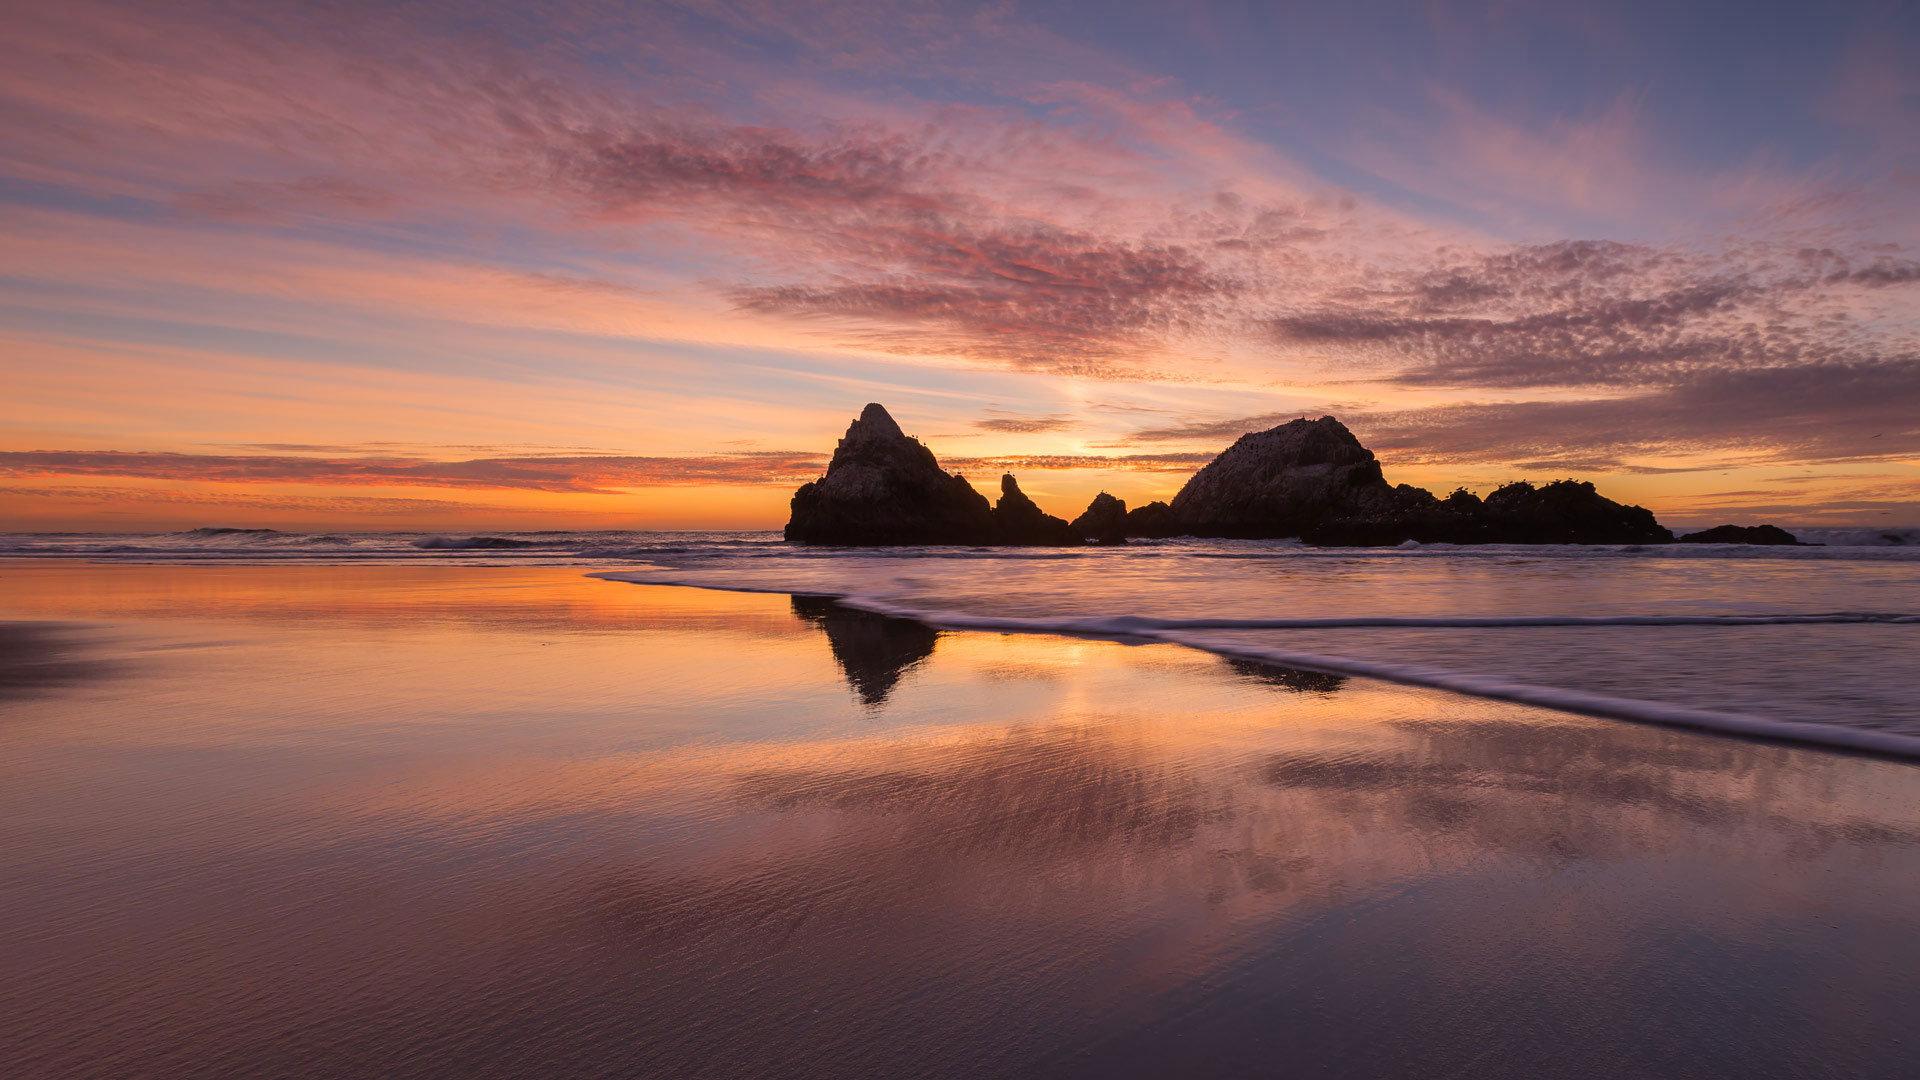 海岸边的极致美景